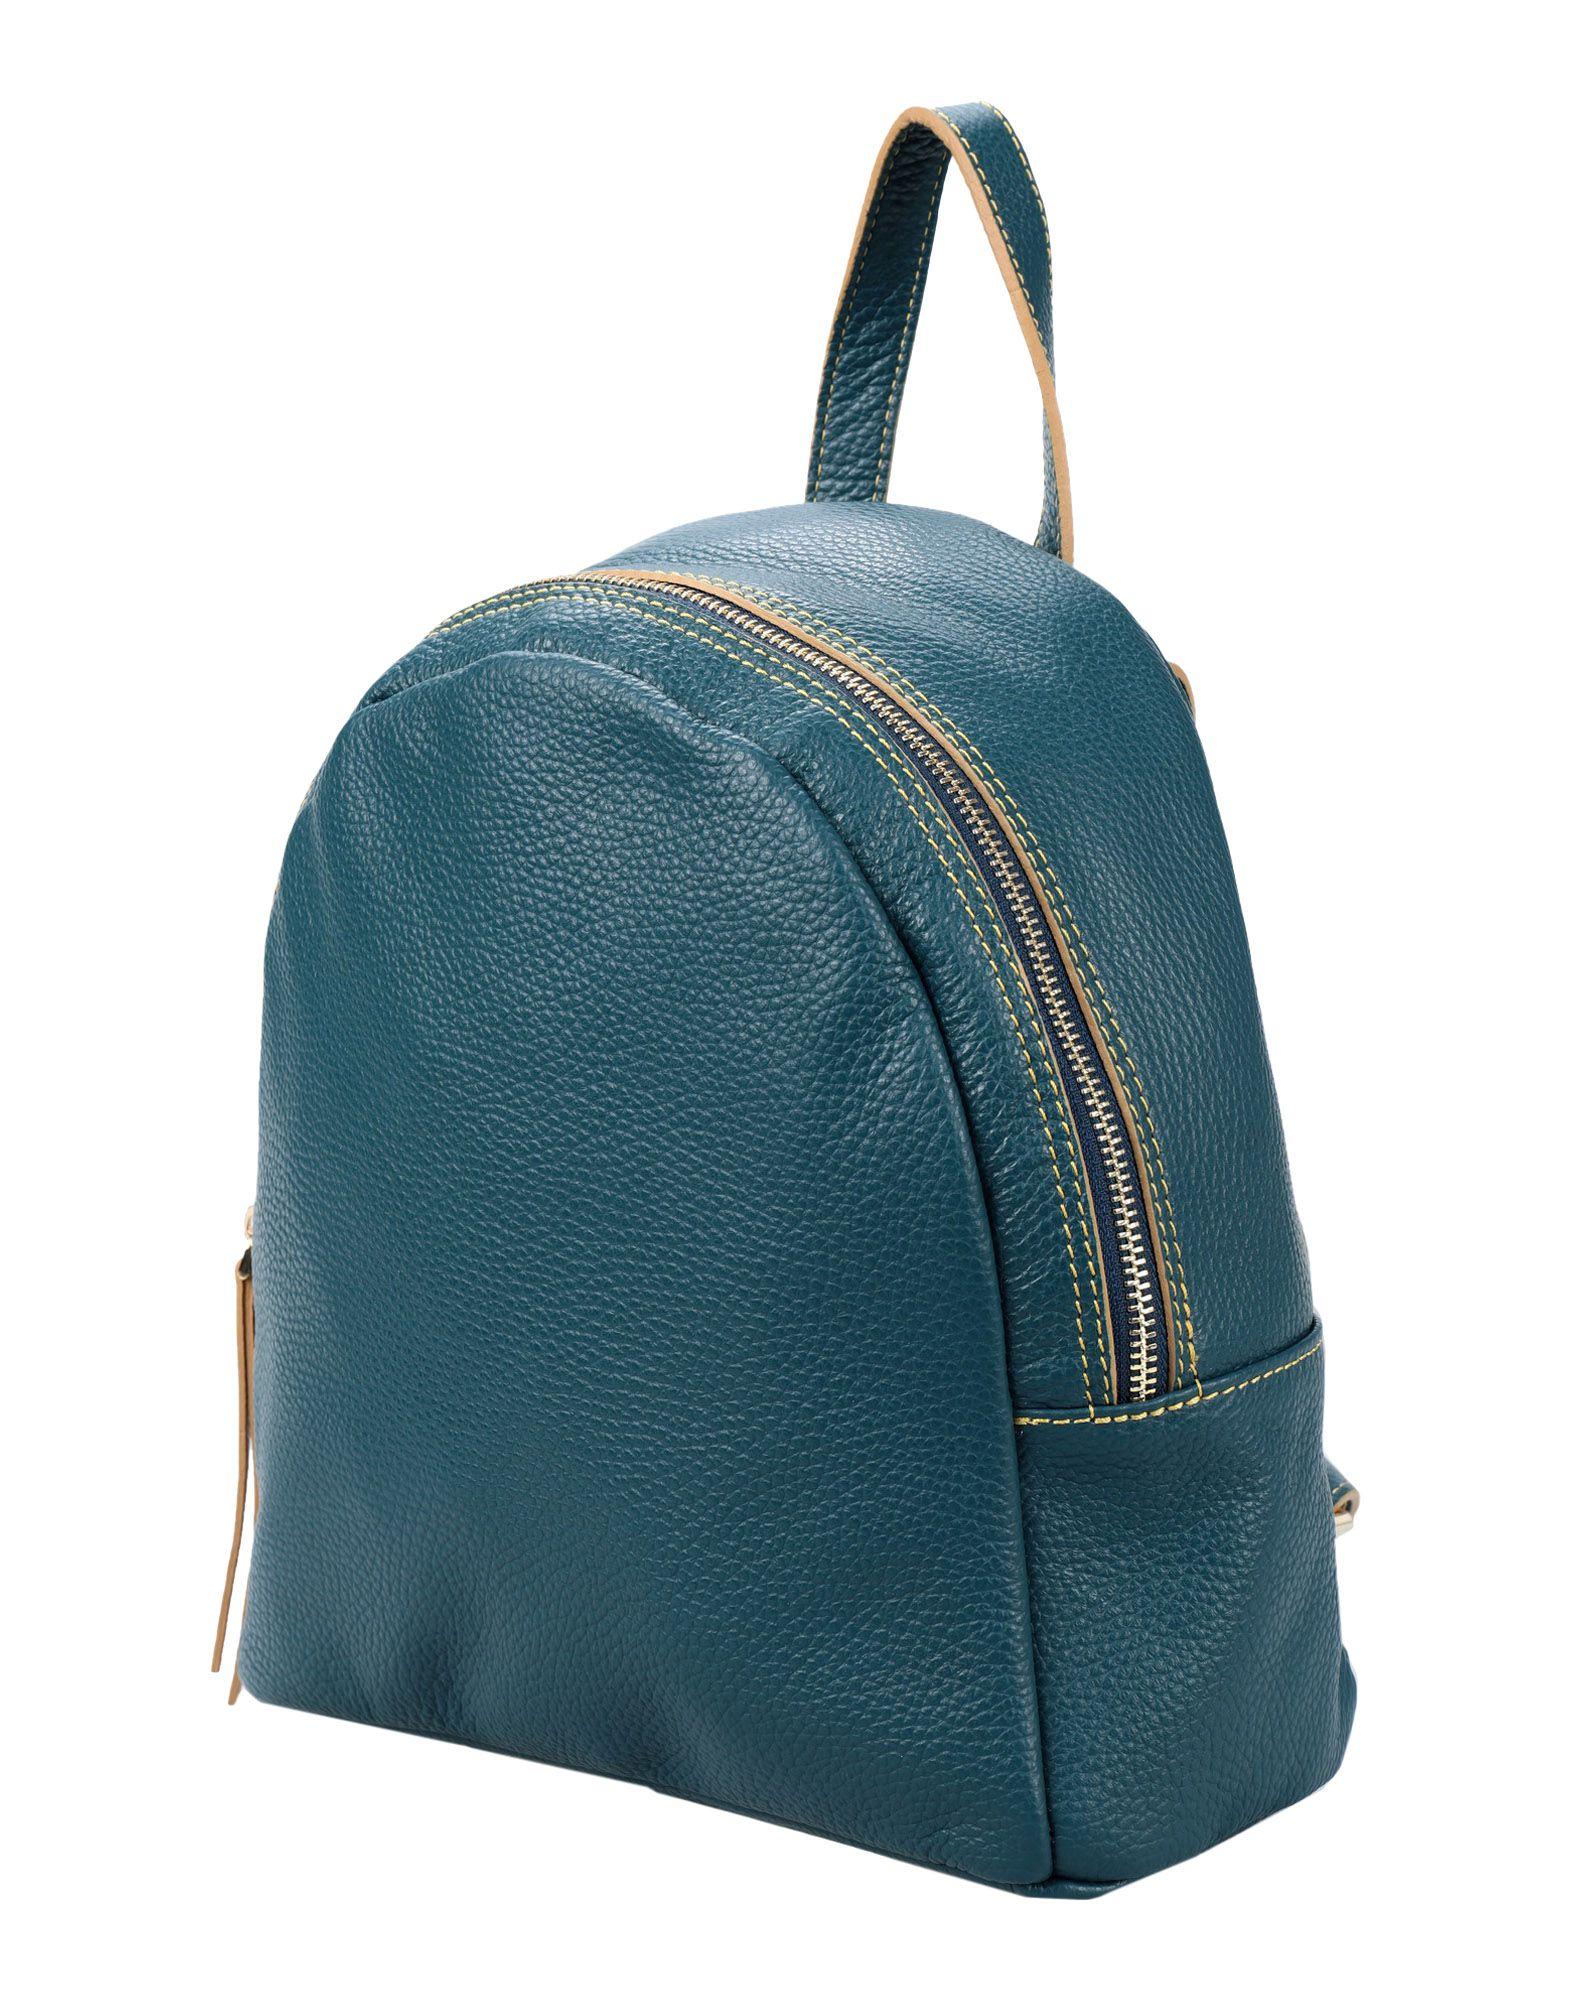 MY CHOICE Рюкзаки и сумки на пояс цена и фото